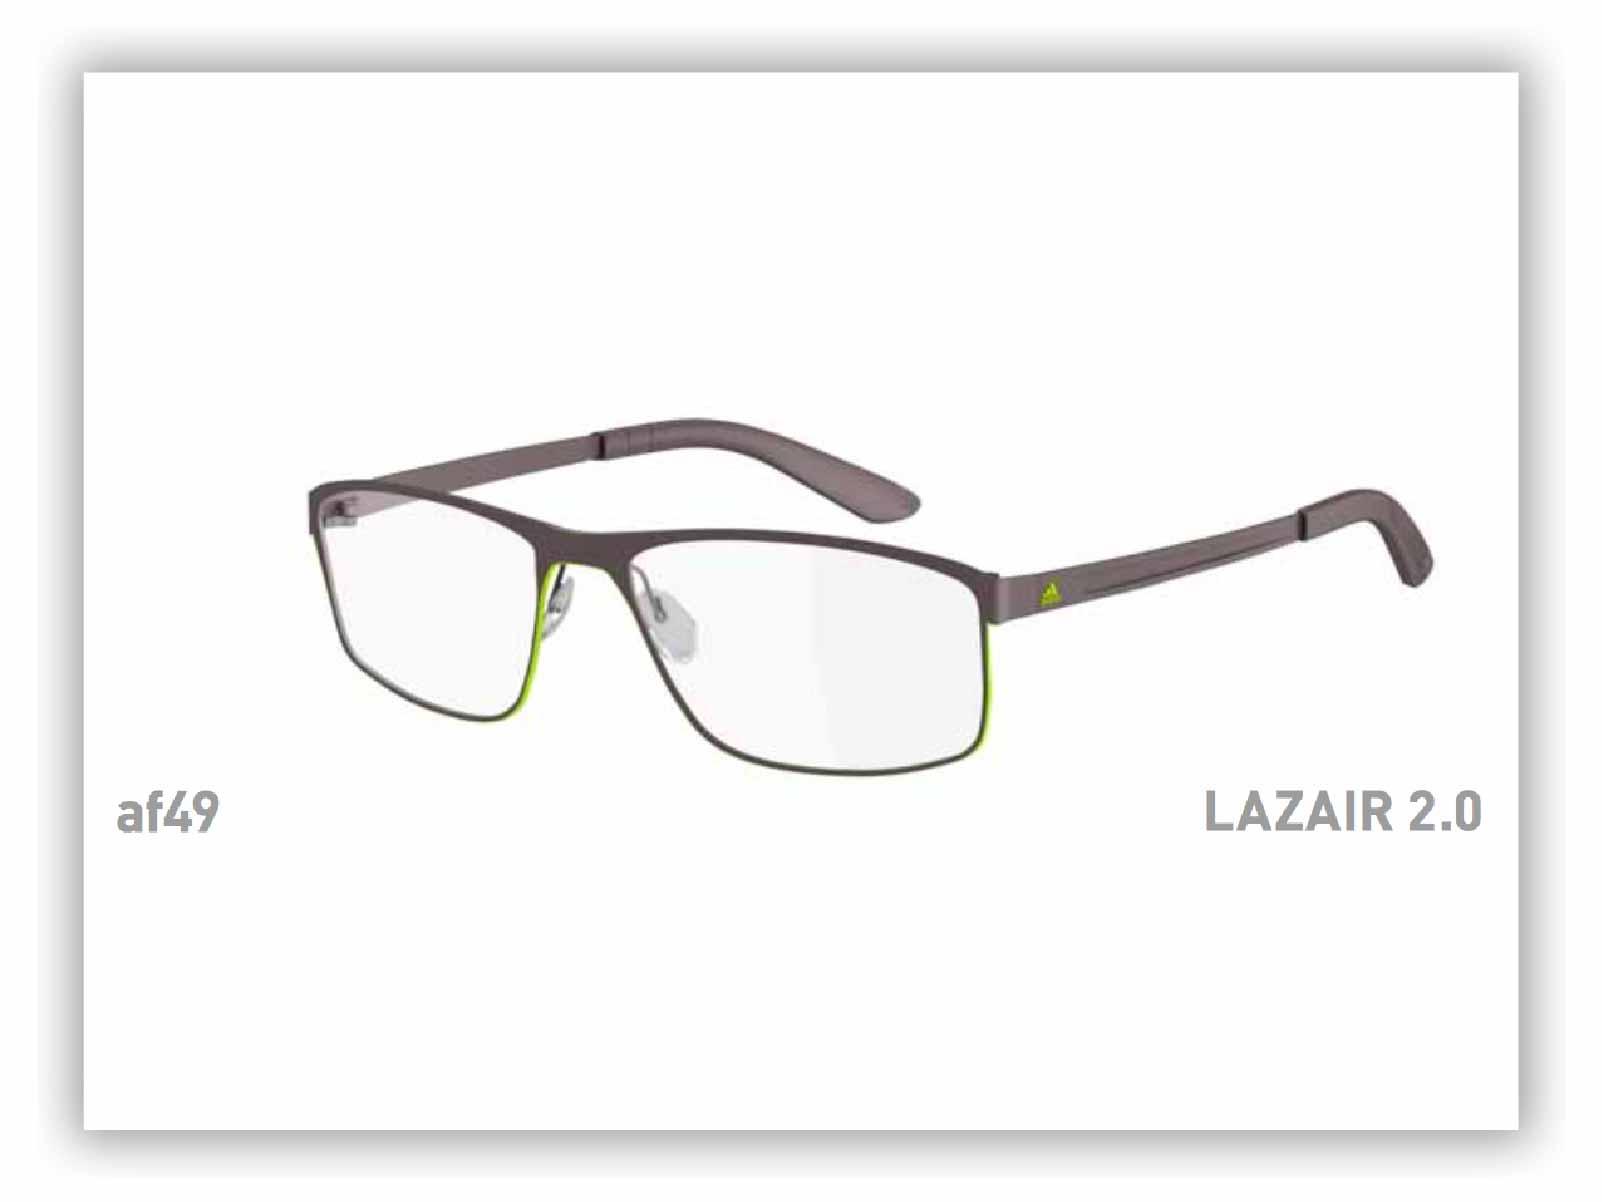 LAZAIR 2.0 – af49